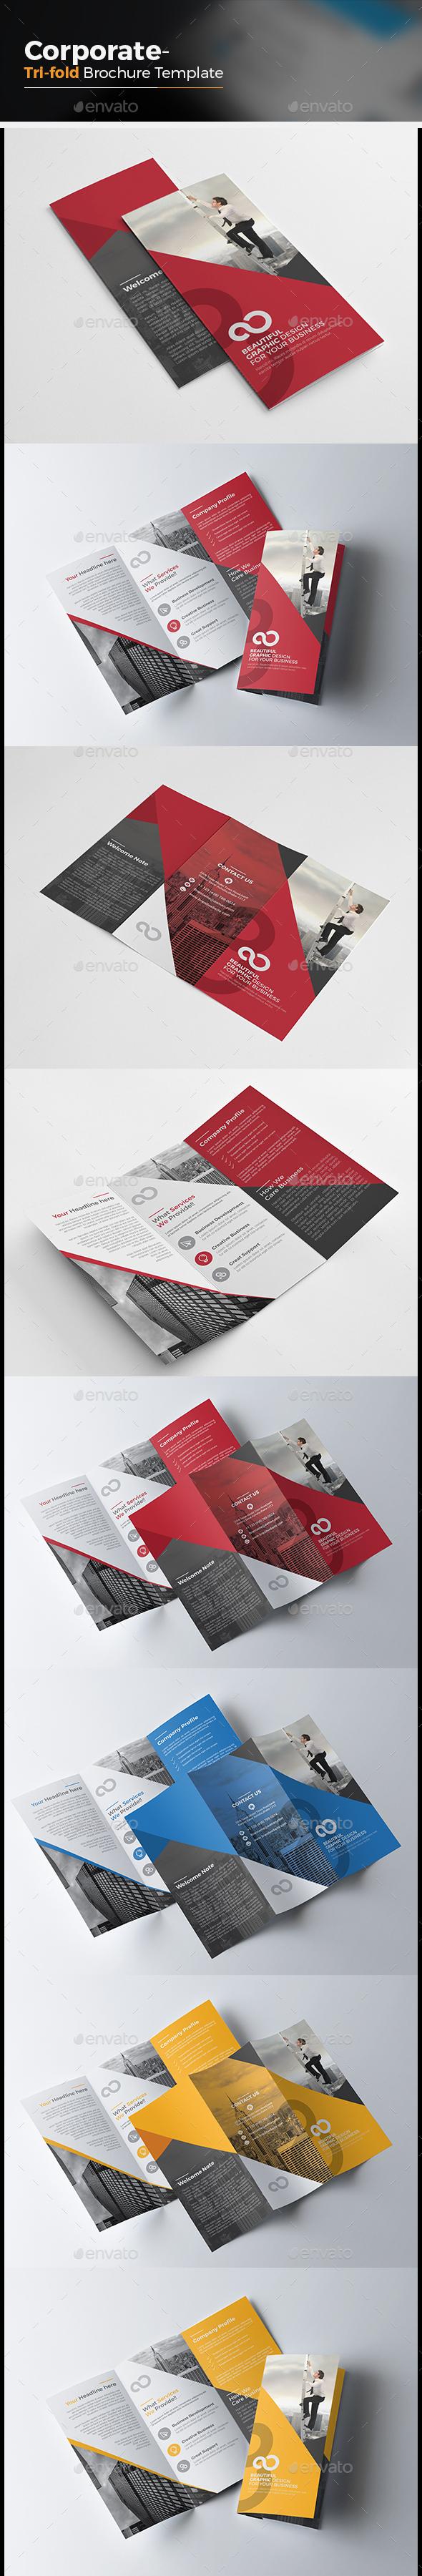 Corporate Tri fold Multipurpose Brochure - Corporate Brochures